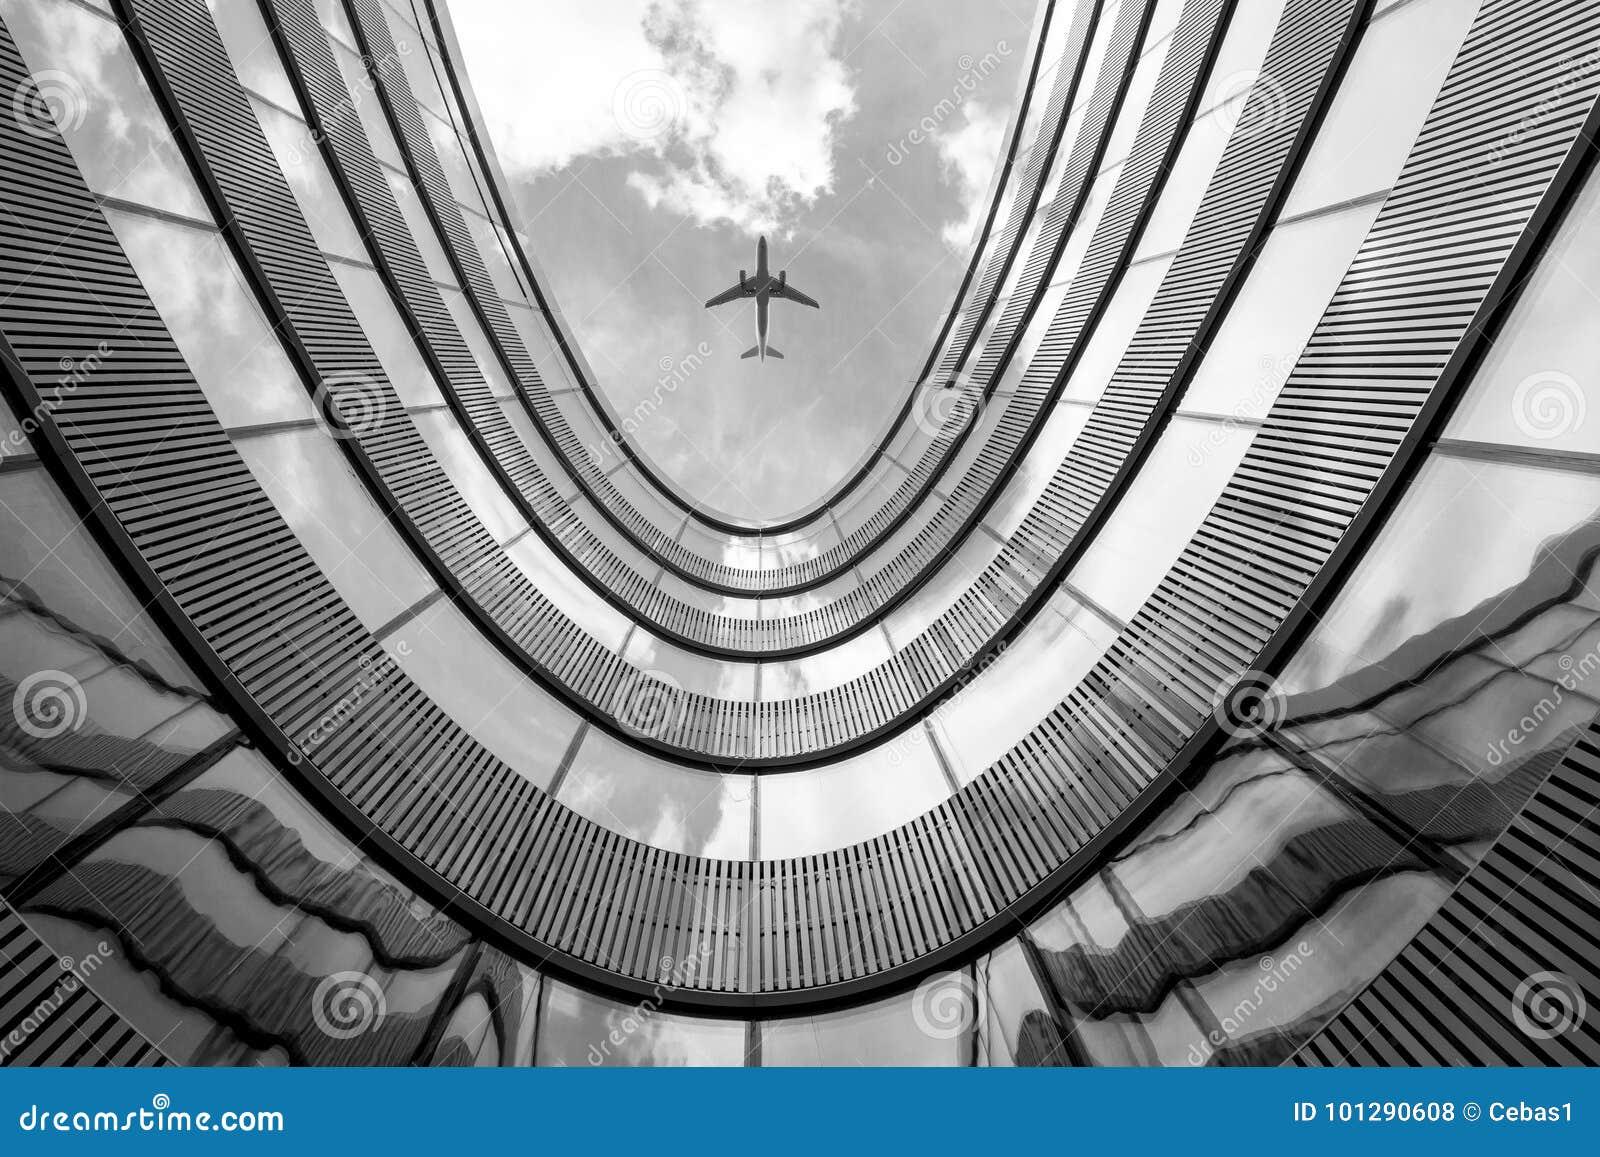 Fliegenflugzeug und modernes Architekturgebäude